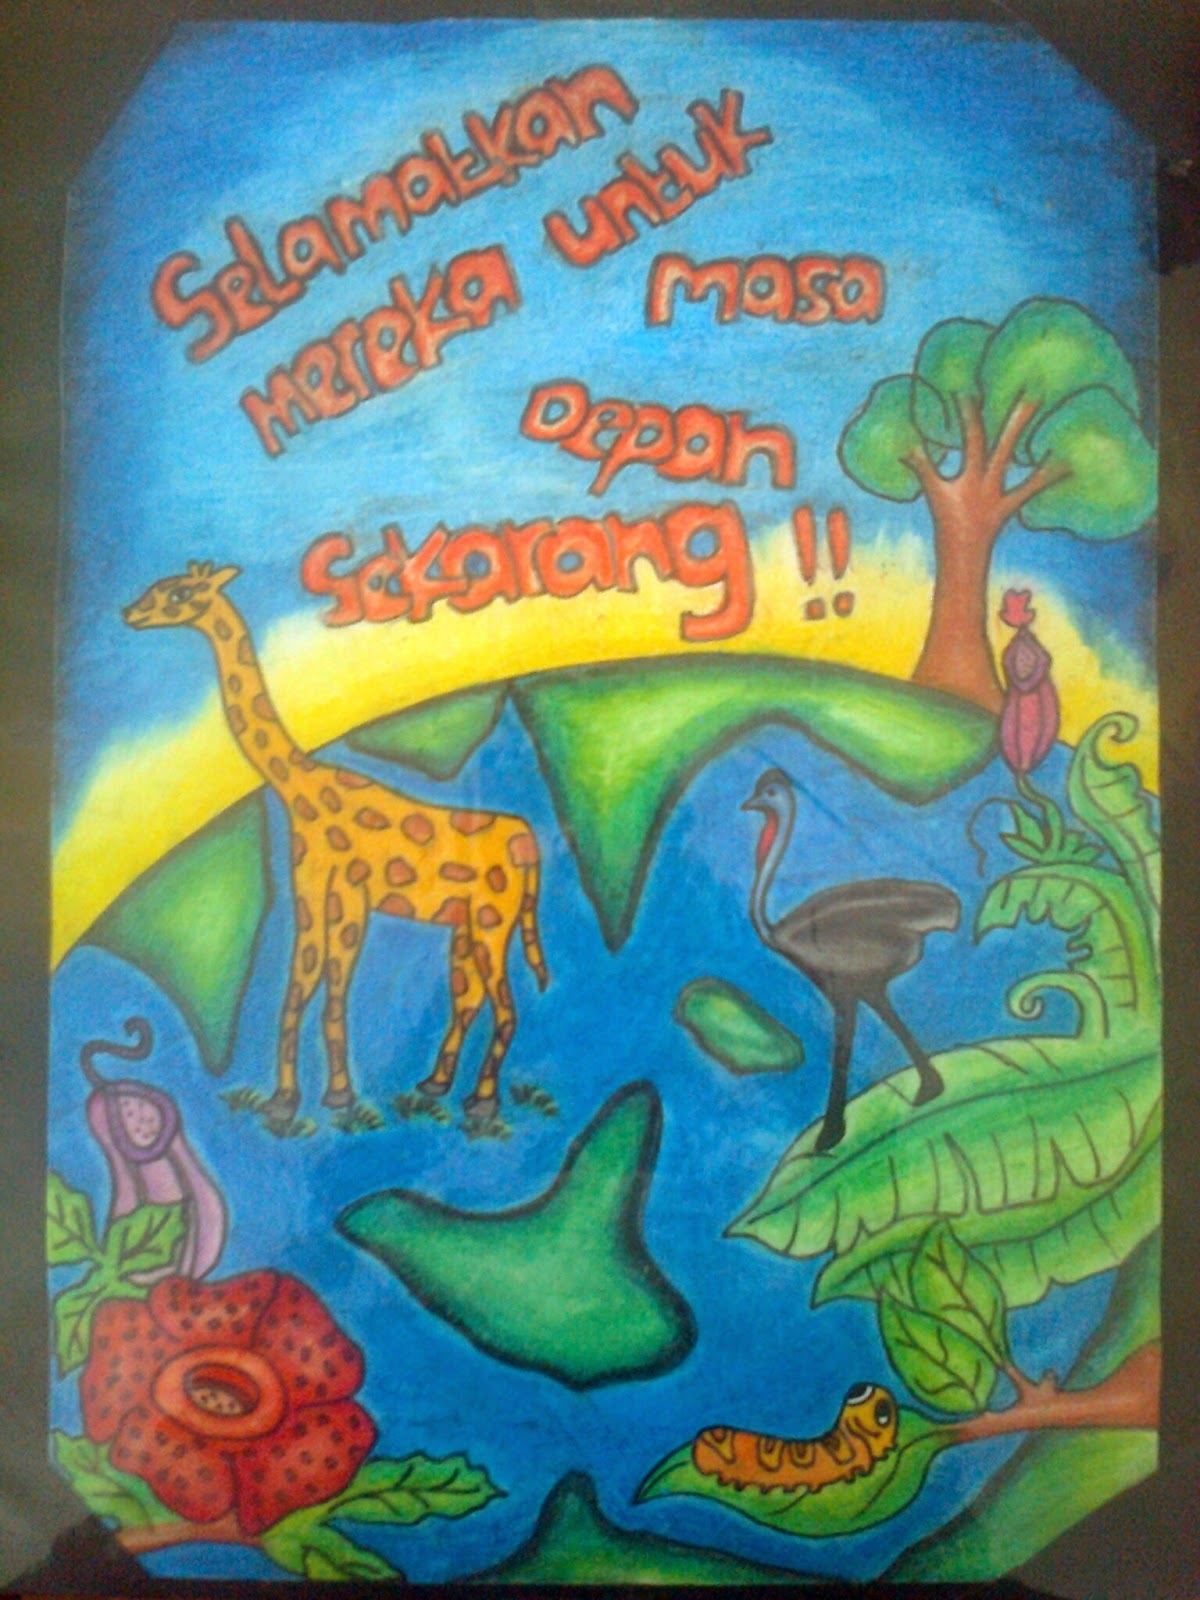 Contoh Gambar Poster Tentang Pelestarian Hewan Dan Tumbuhan Materi Pelajaran 9